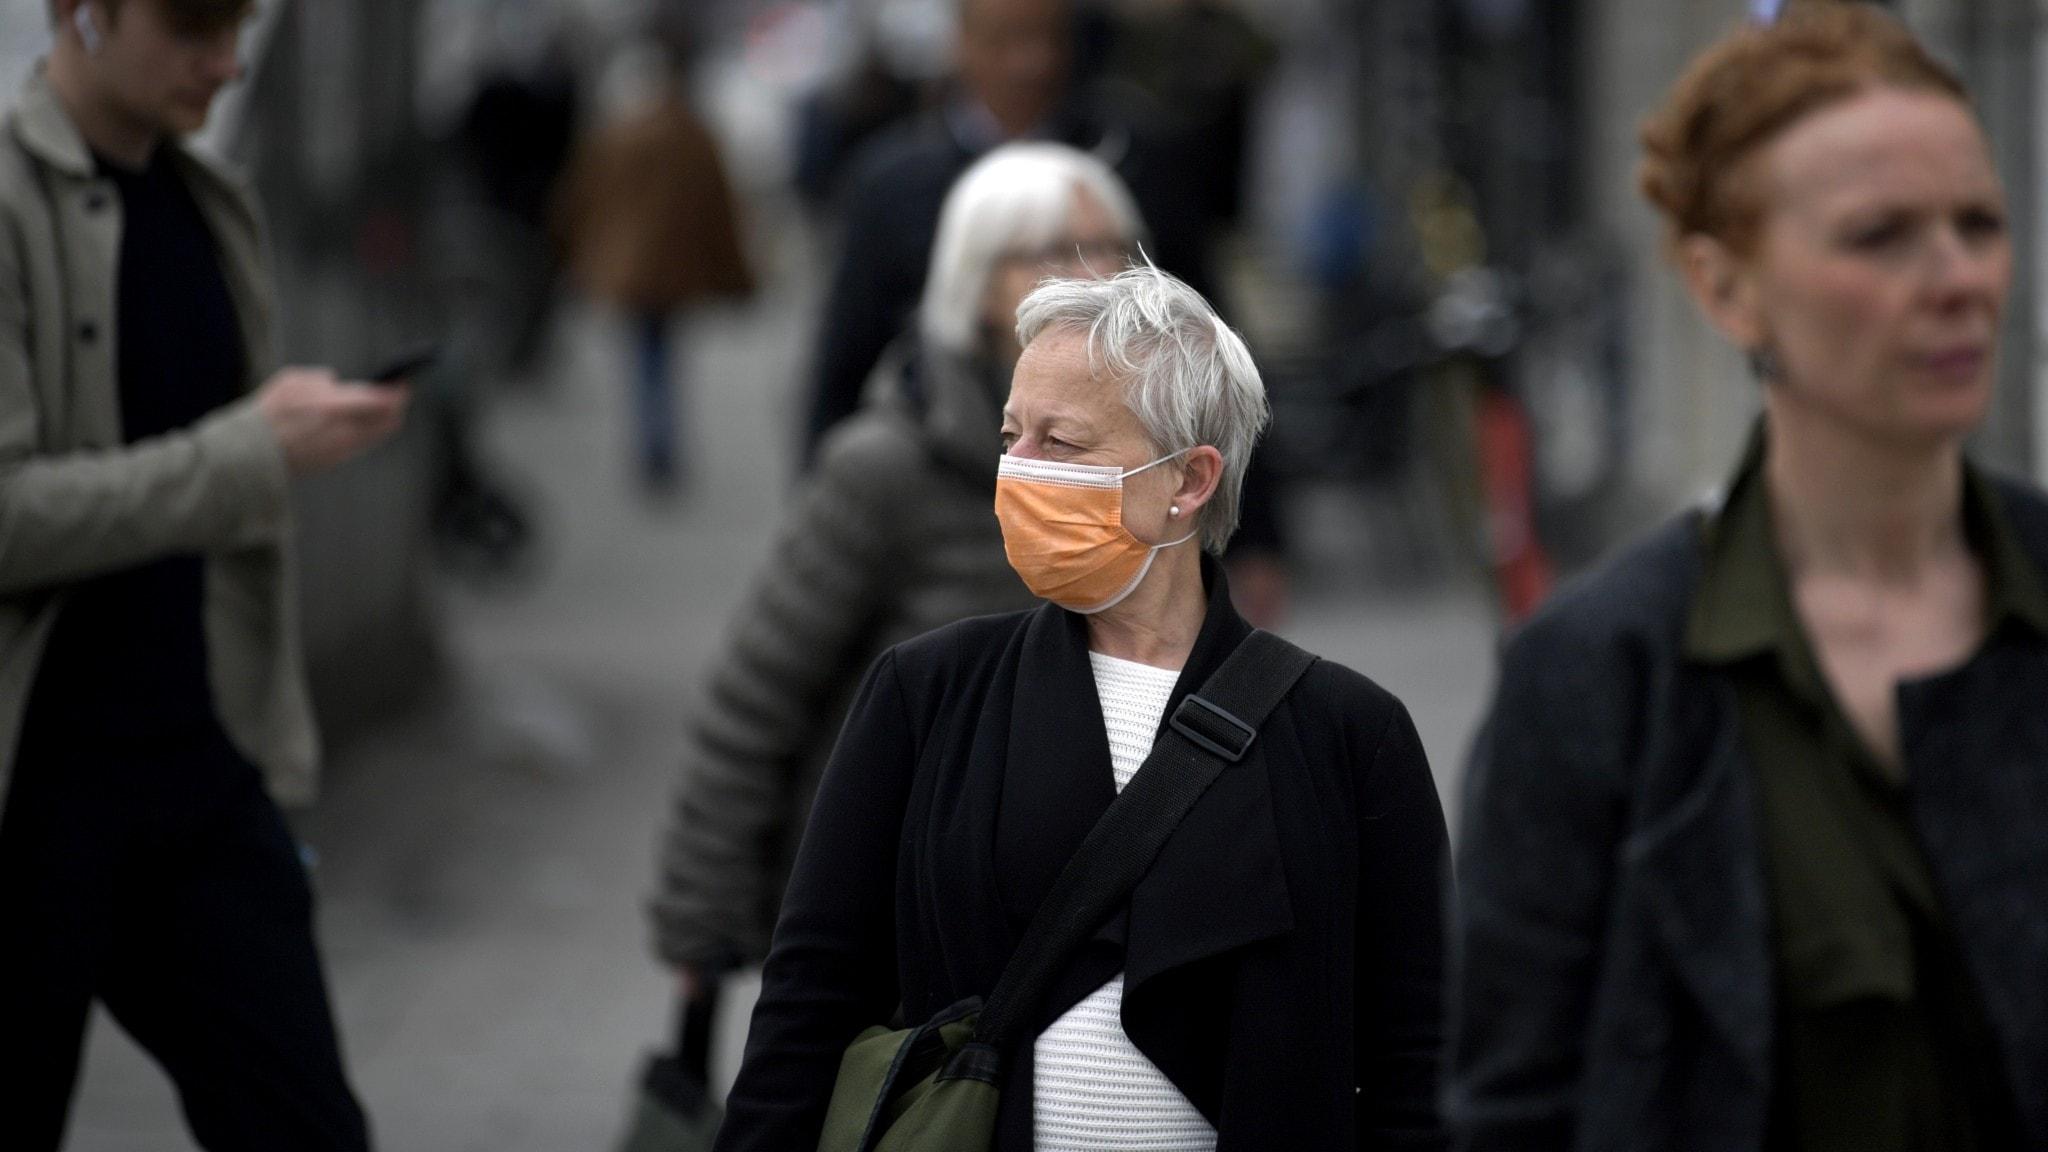 Kvinna bär munskydd när hon går på stan.